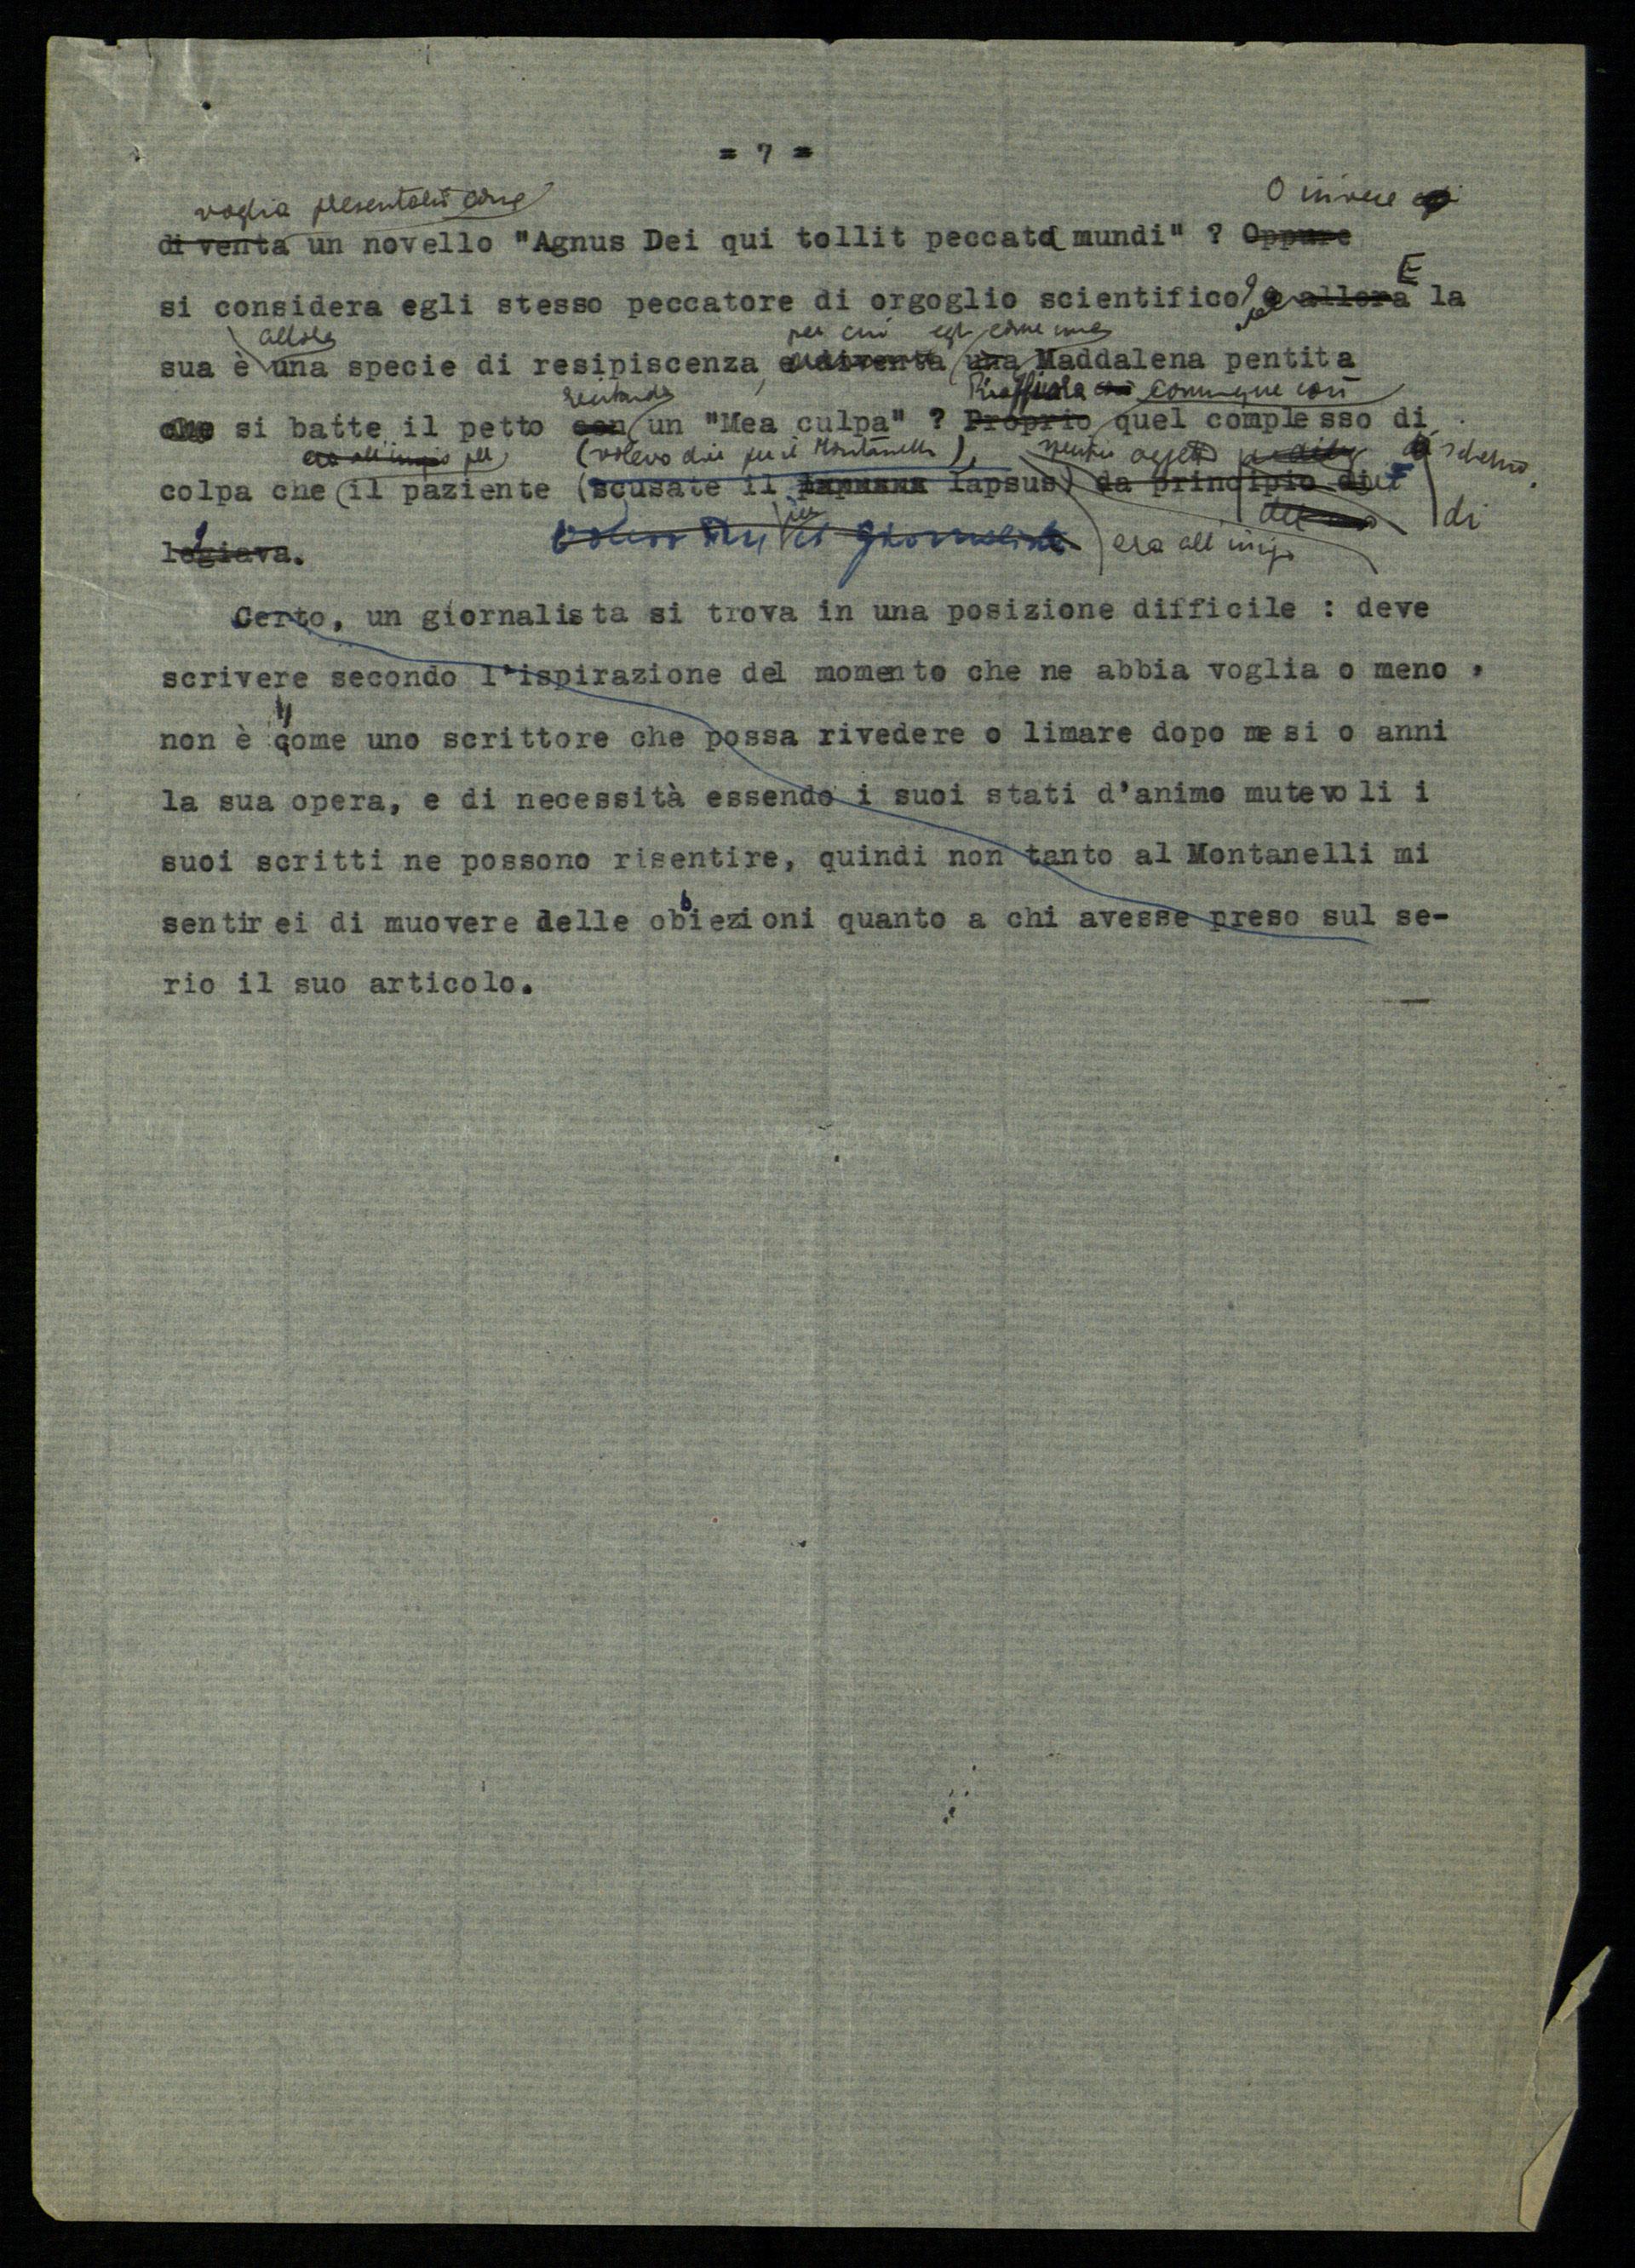 Cesare Musatti, Il diritto di impazzire (Risposta a Indro Montanelli), post settembre 1949